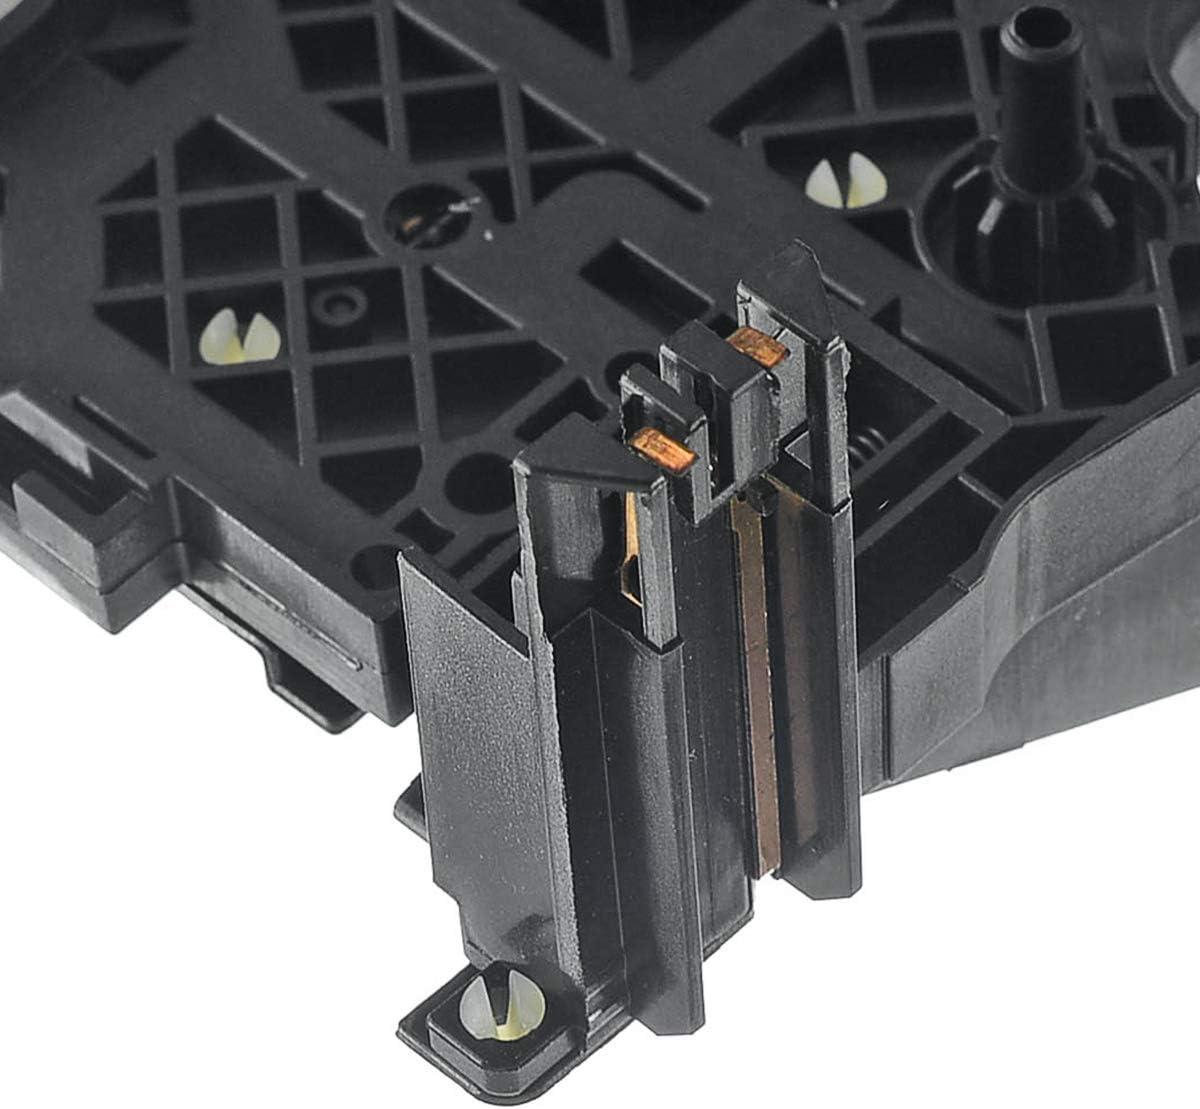 Stecker Steuereinheit Elektriksatz mit Dichtung f/ür C-Klasse E-Klasse G-Klasse W202 W203 S204 CL203 S202 C208 1993-2018 A2035400253